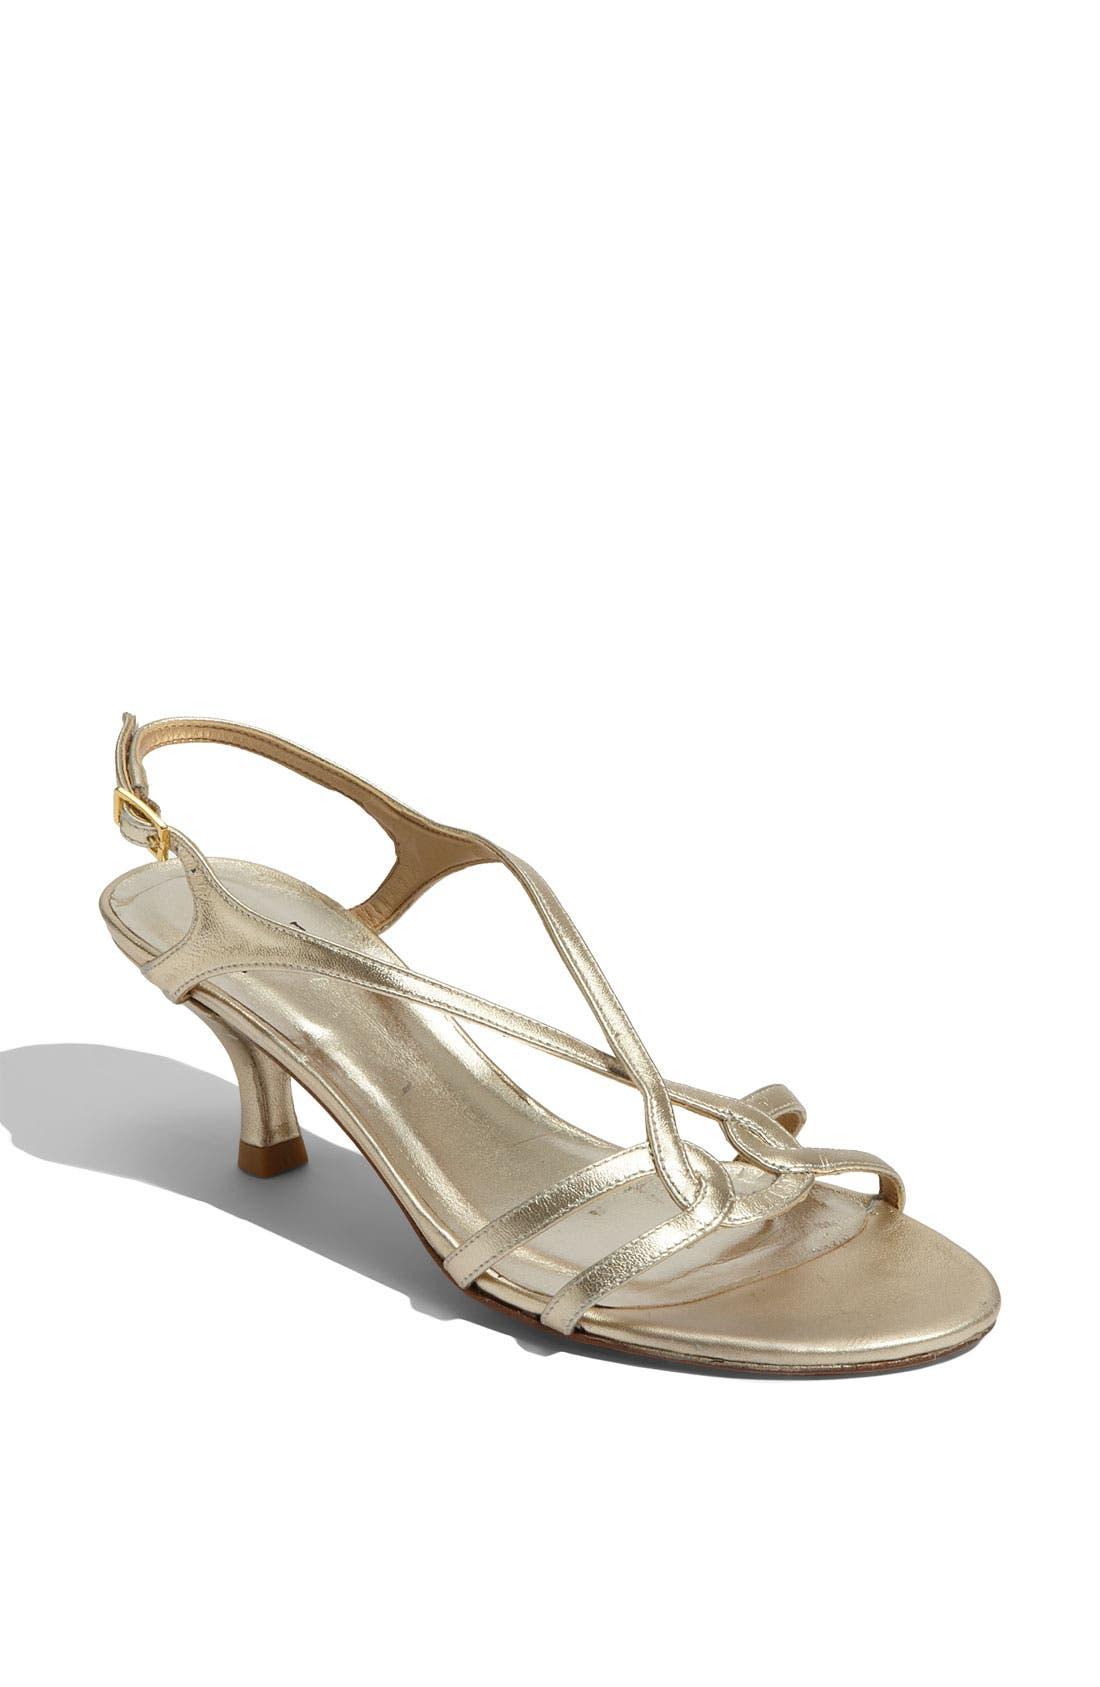 Alternate Image 1 Selected - Stuart Weitzman 'Reversal' Sandal